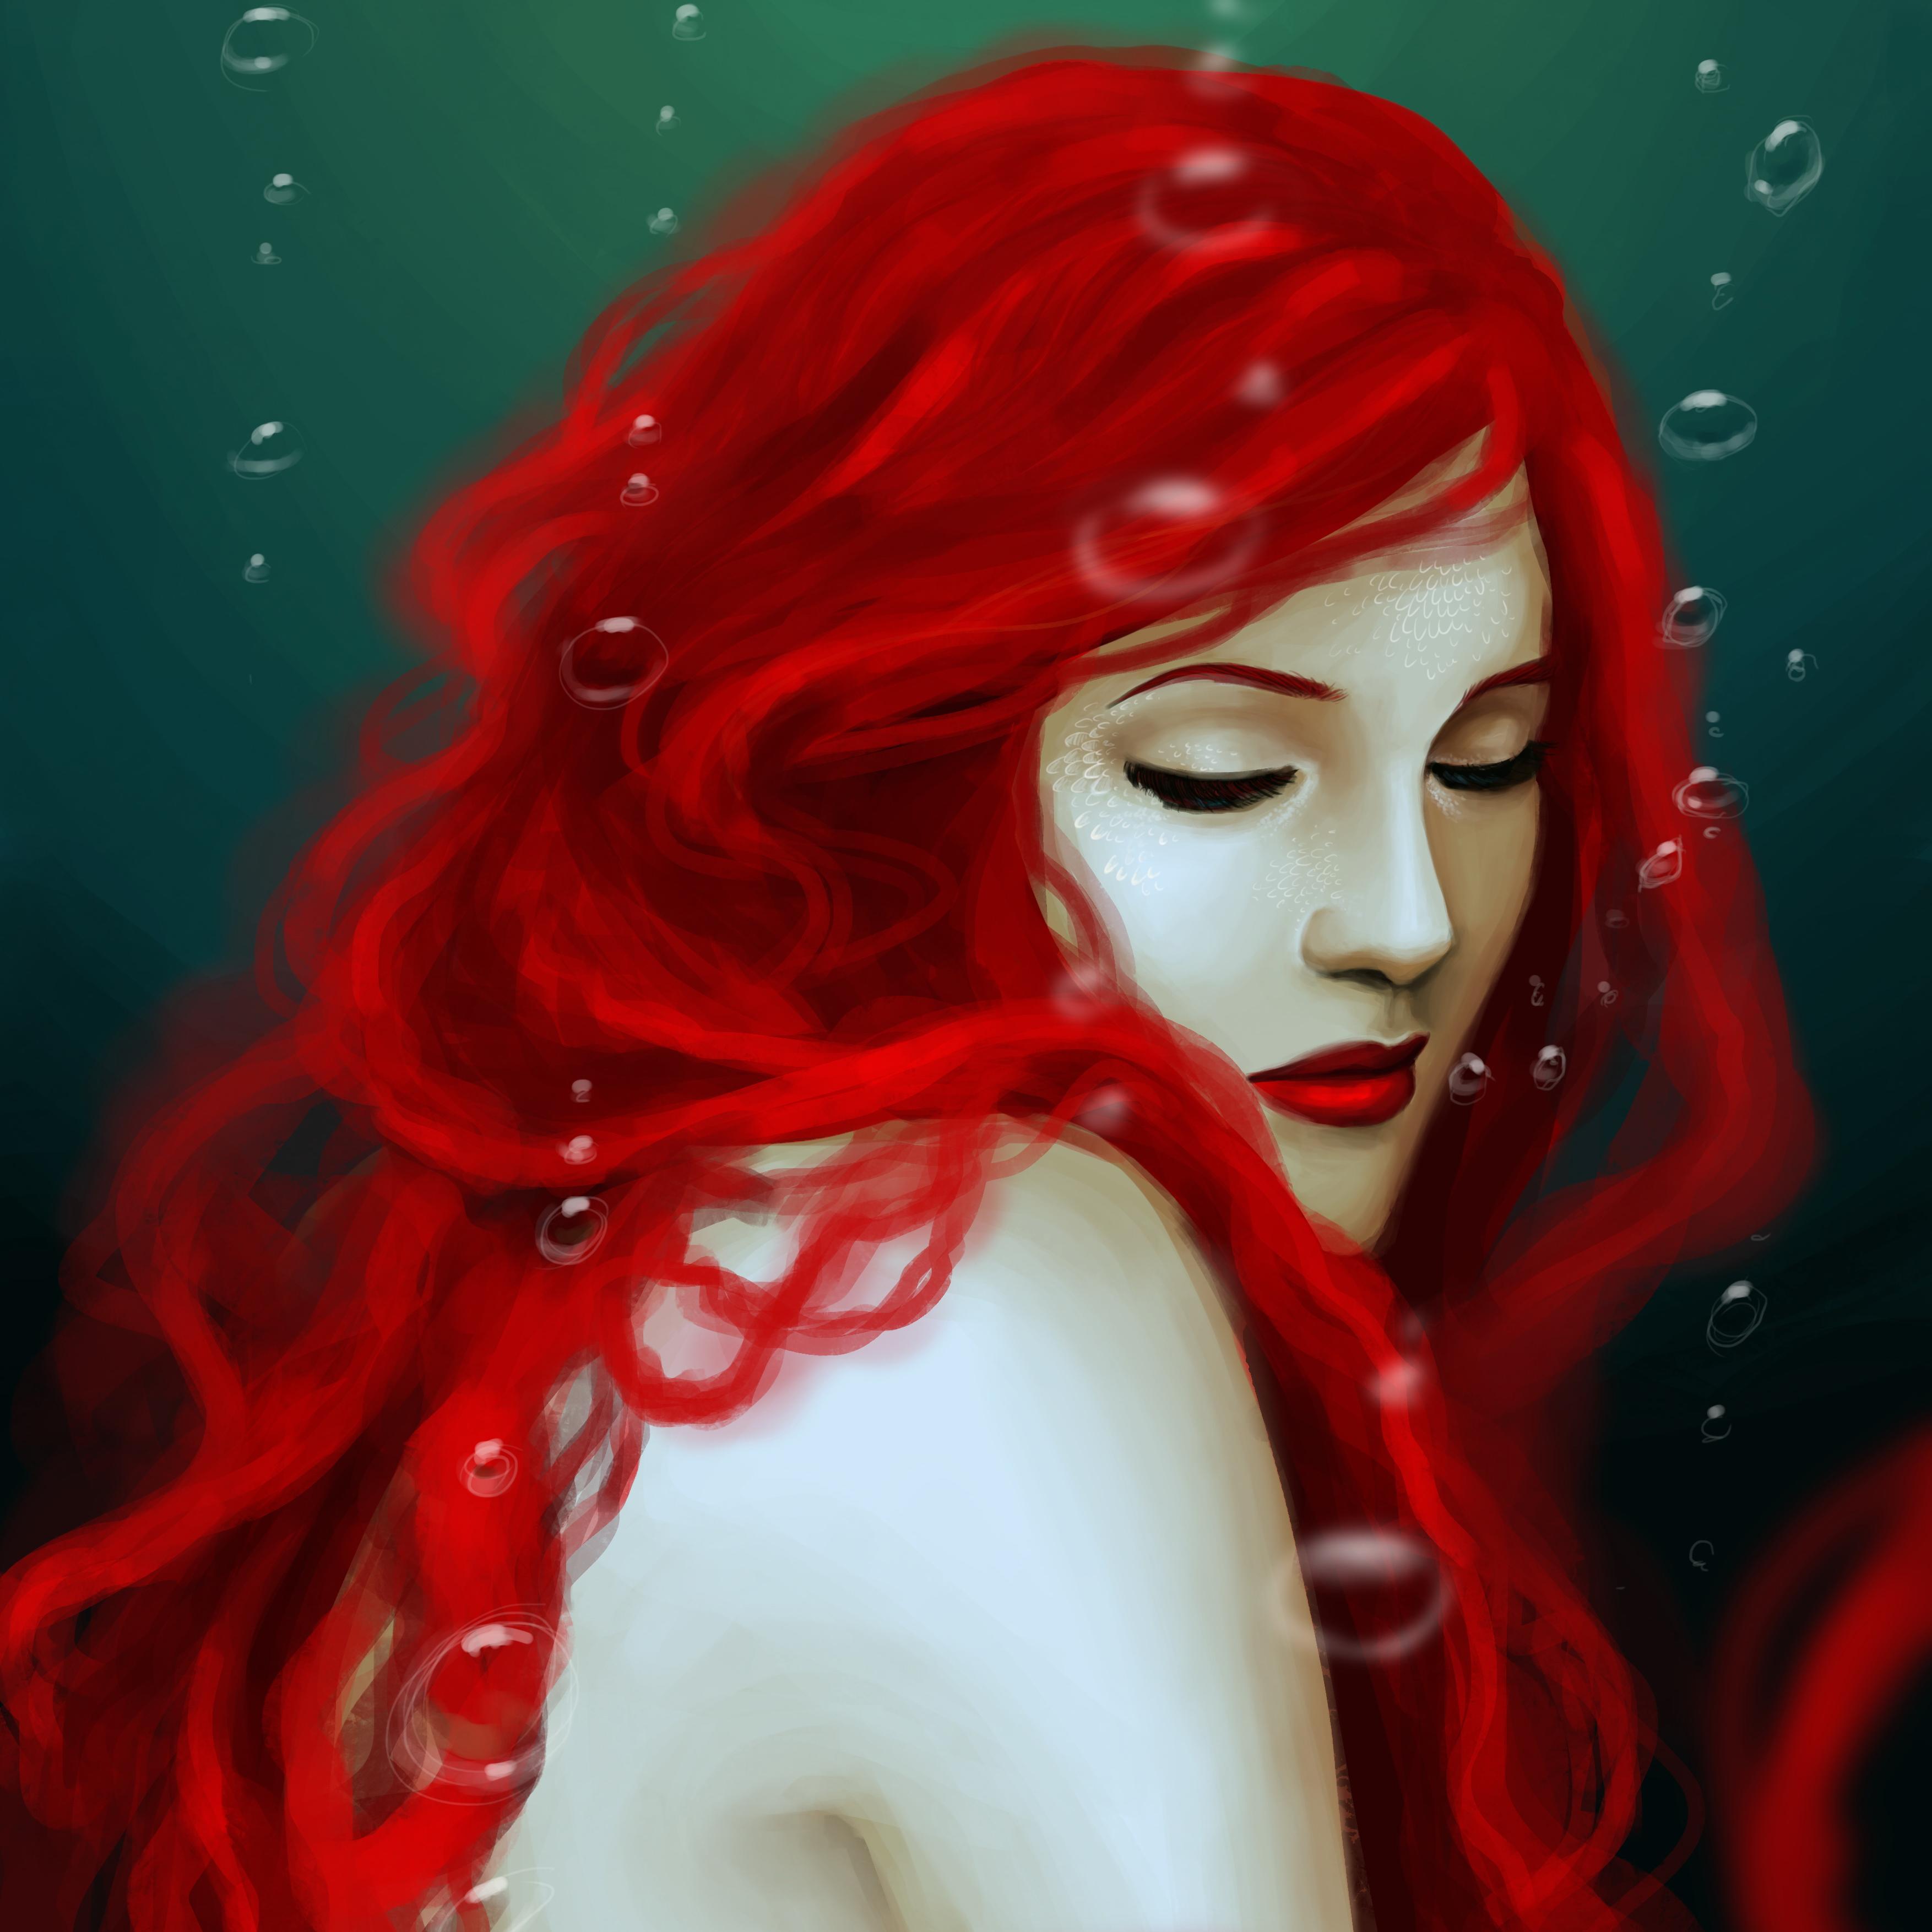 Черно белые картинки девушек с рыжими волосами 2 фотография